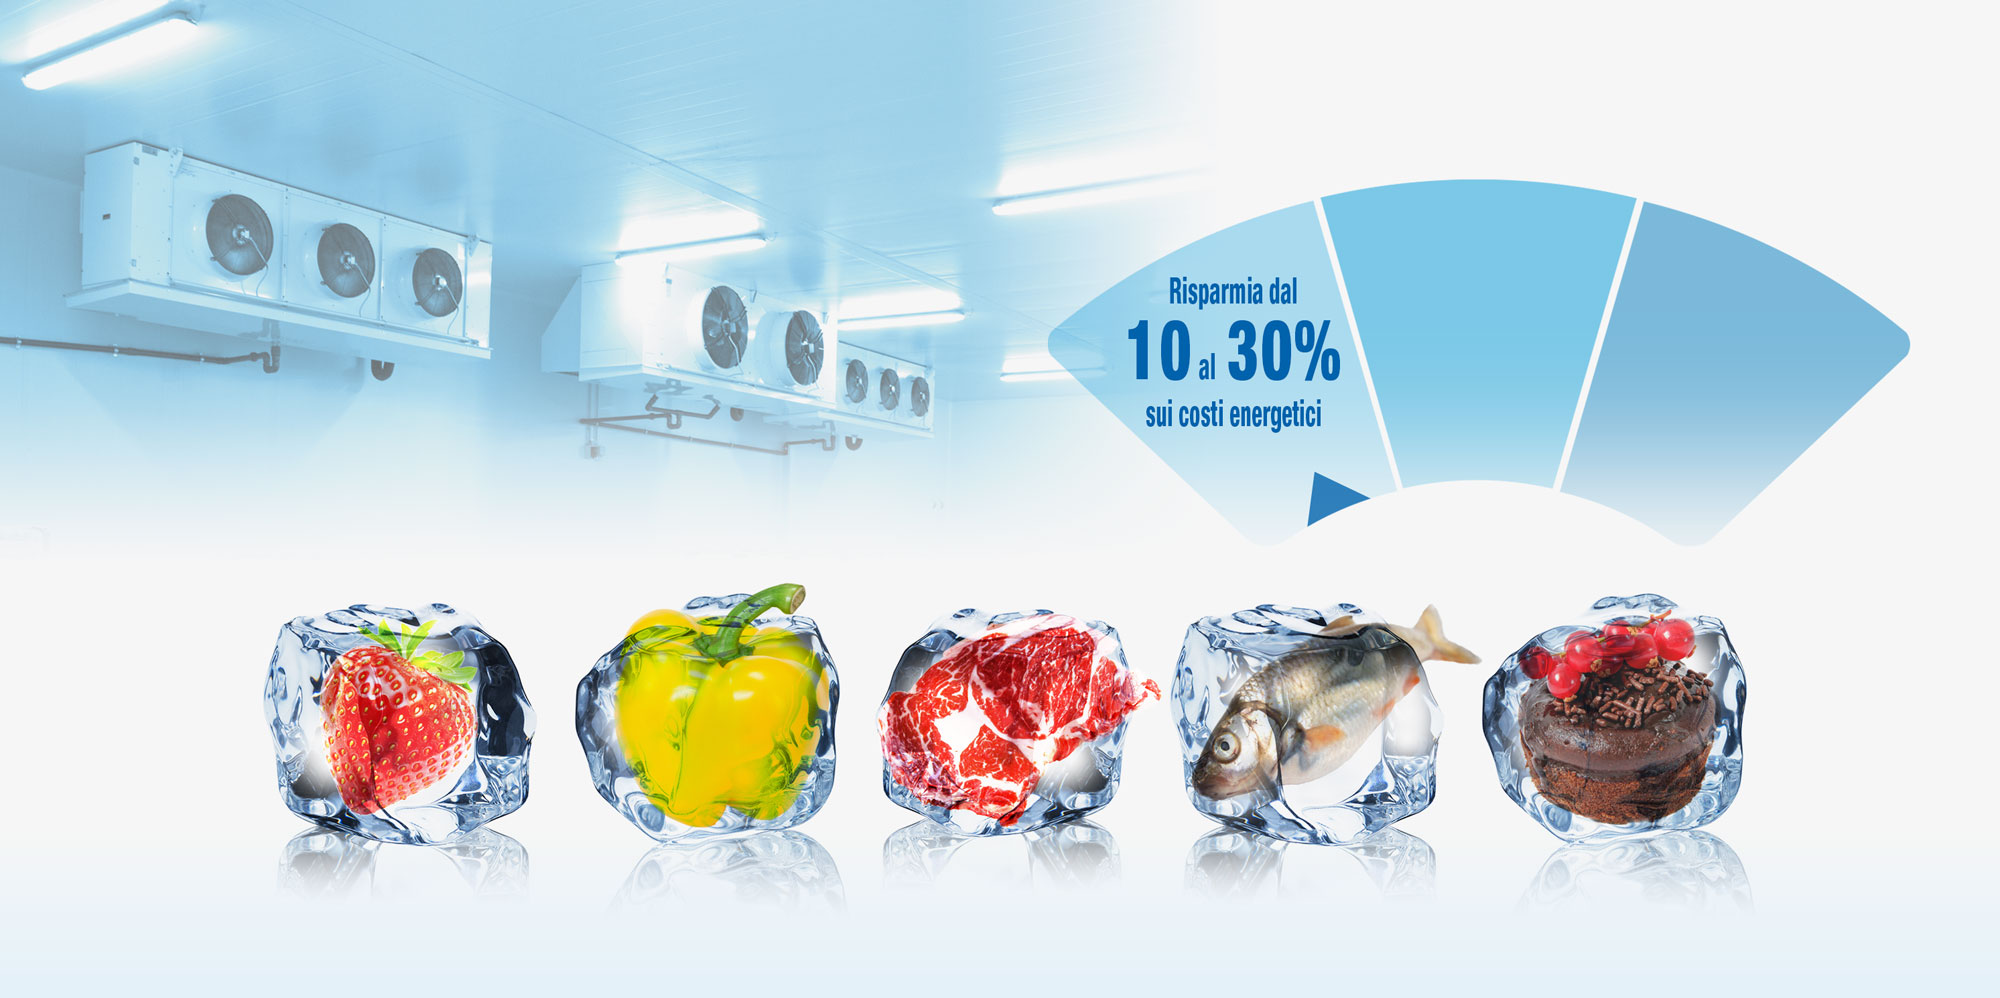 Impianti frigoriferi industriali impianti di refrigerazione impianto frigorifero per alimenti